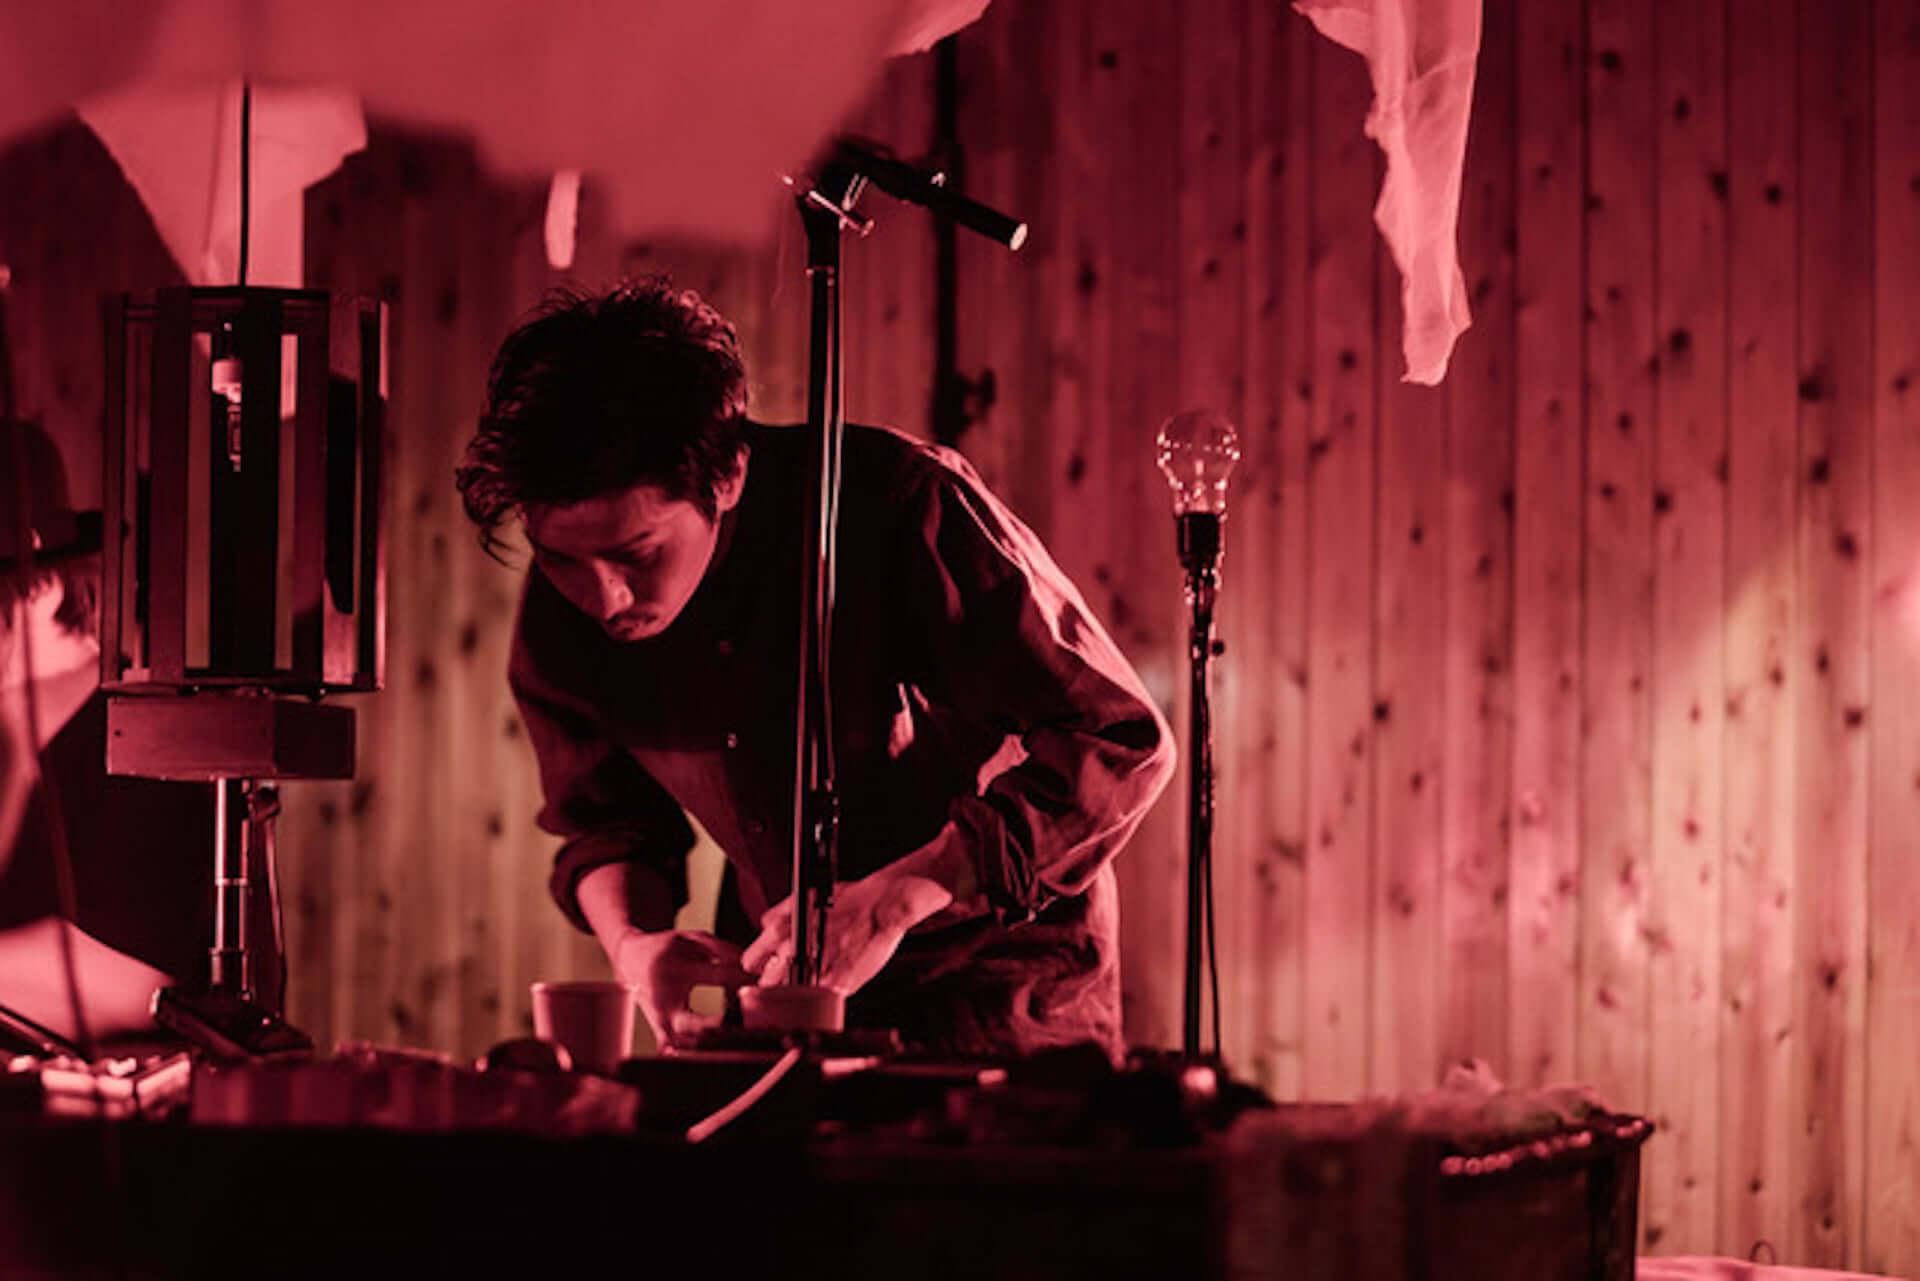 音×禅×食を楽しめる<MUSO Culture Festival>にDJ KRUSH、Yosi Horikawaらが出演決定!アフターパーティーにはKaoru Inoue、ermhoiらが登場 music201225_muso-festival_12-1920x1281